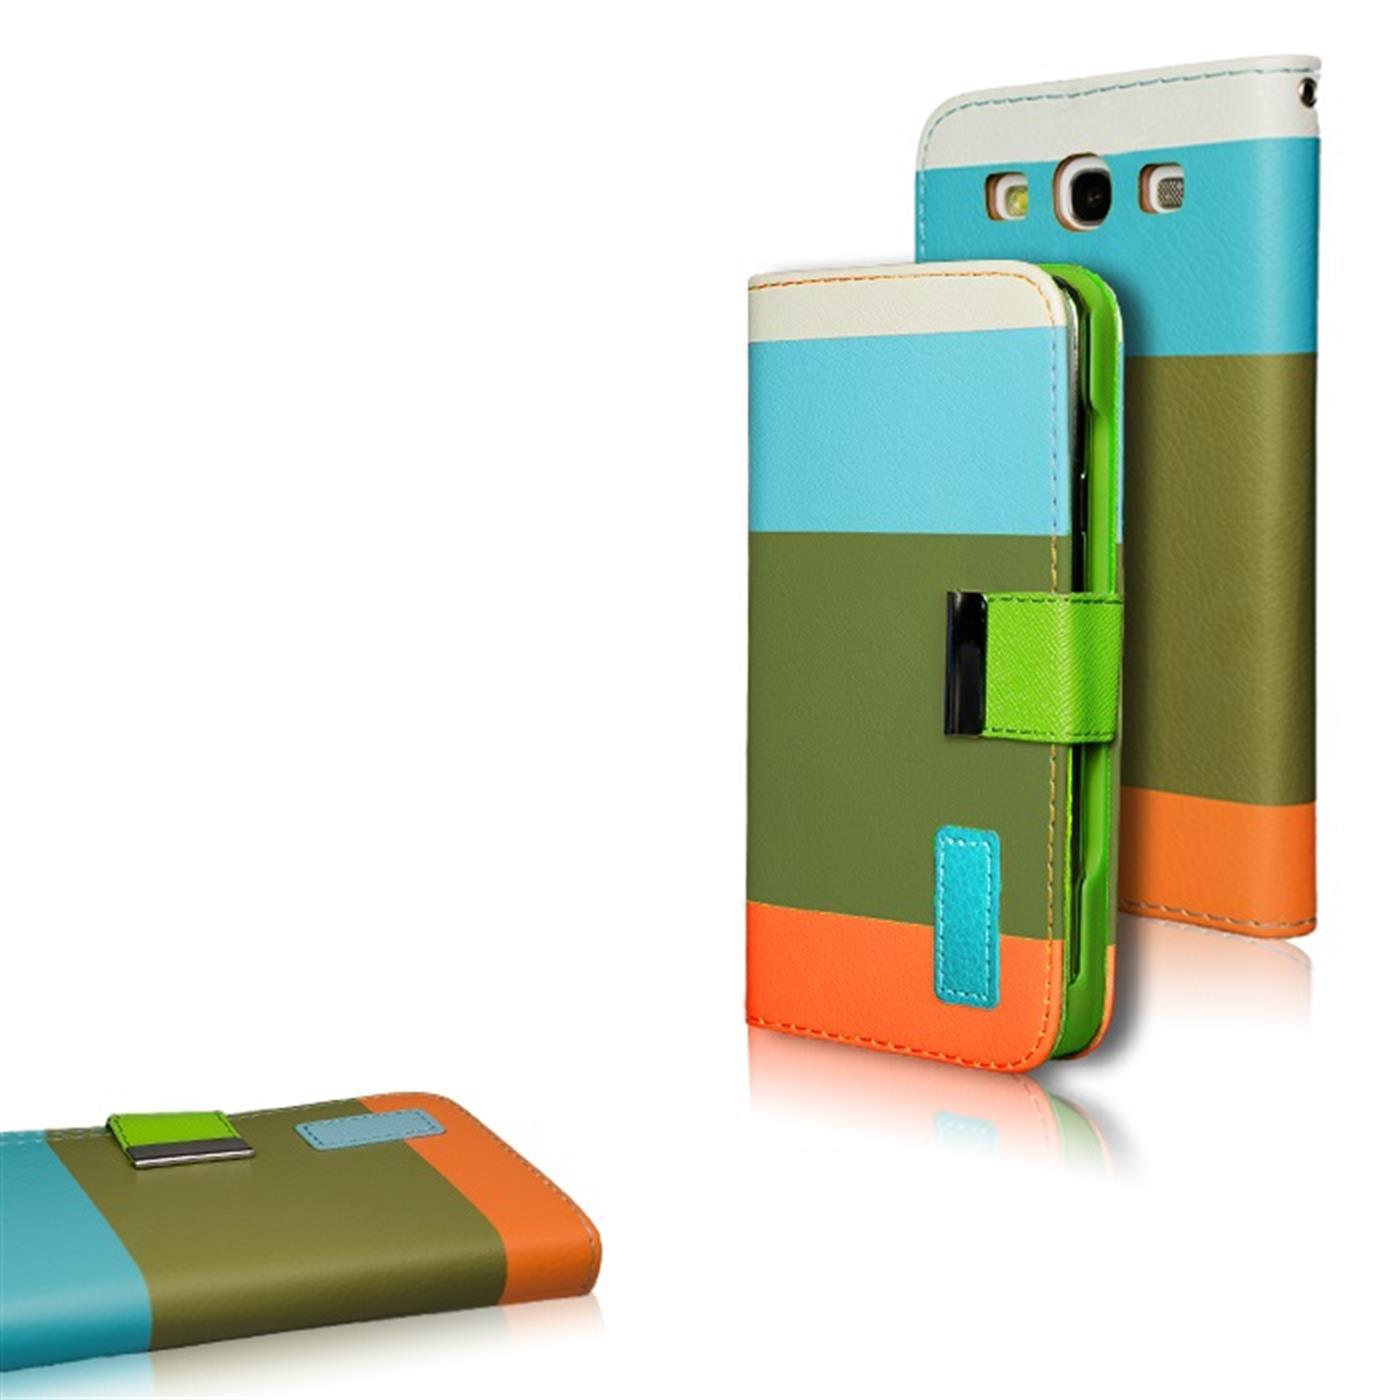 About Colours 3 Samsung Galaxy Flip Details A700 Premium Blue Case Cover A7 dBerxoC